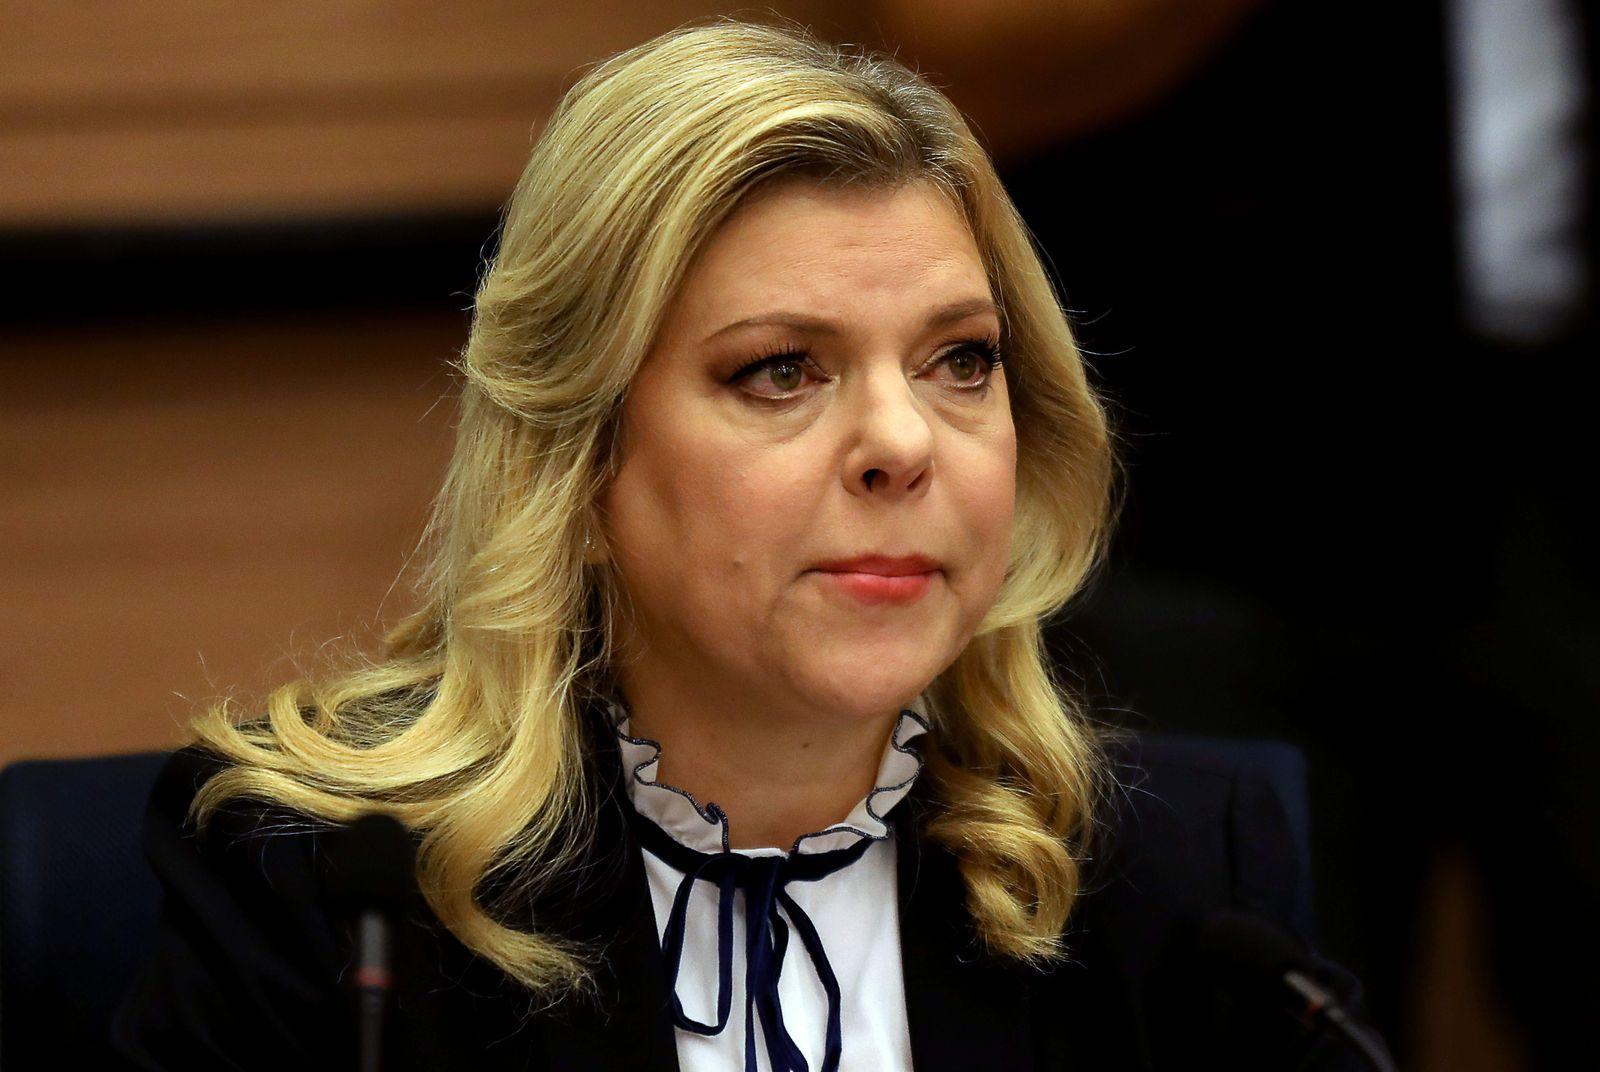 Sara Netanjahu